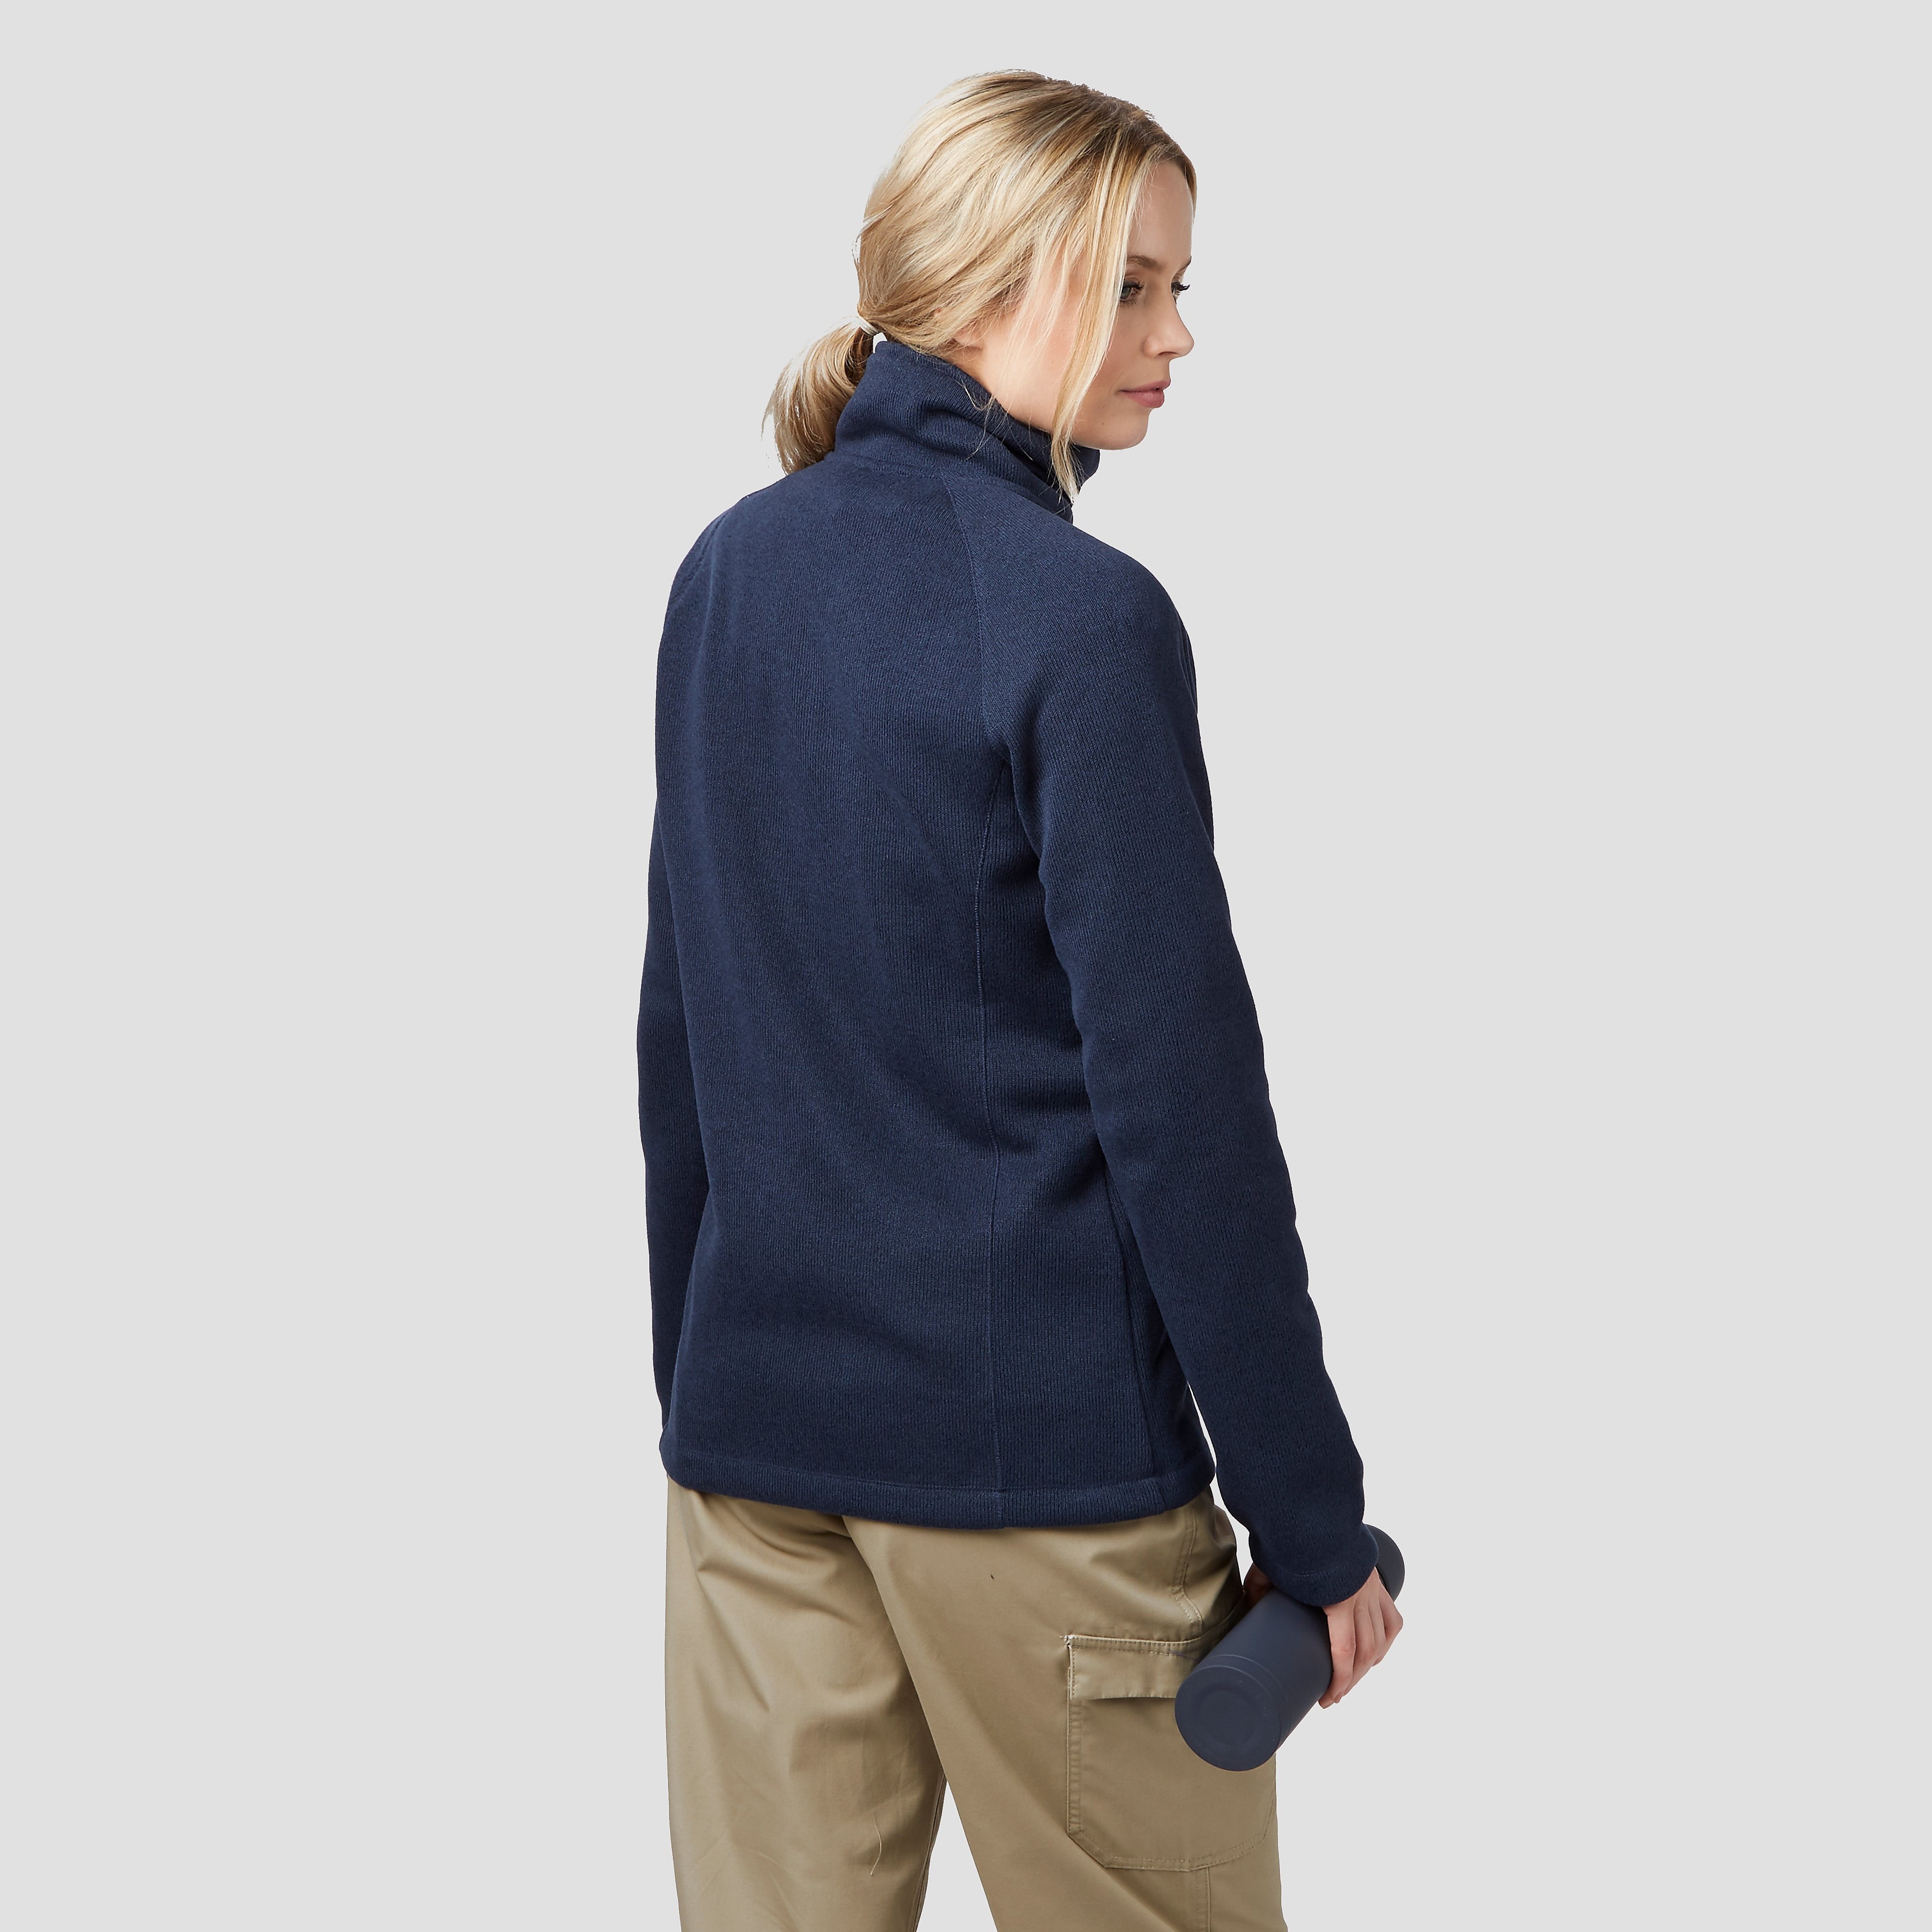 Craghoppers Keris Half-Zip Women's Fleece